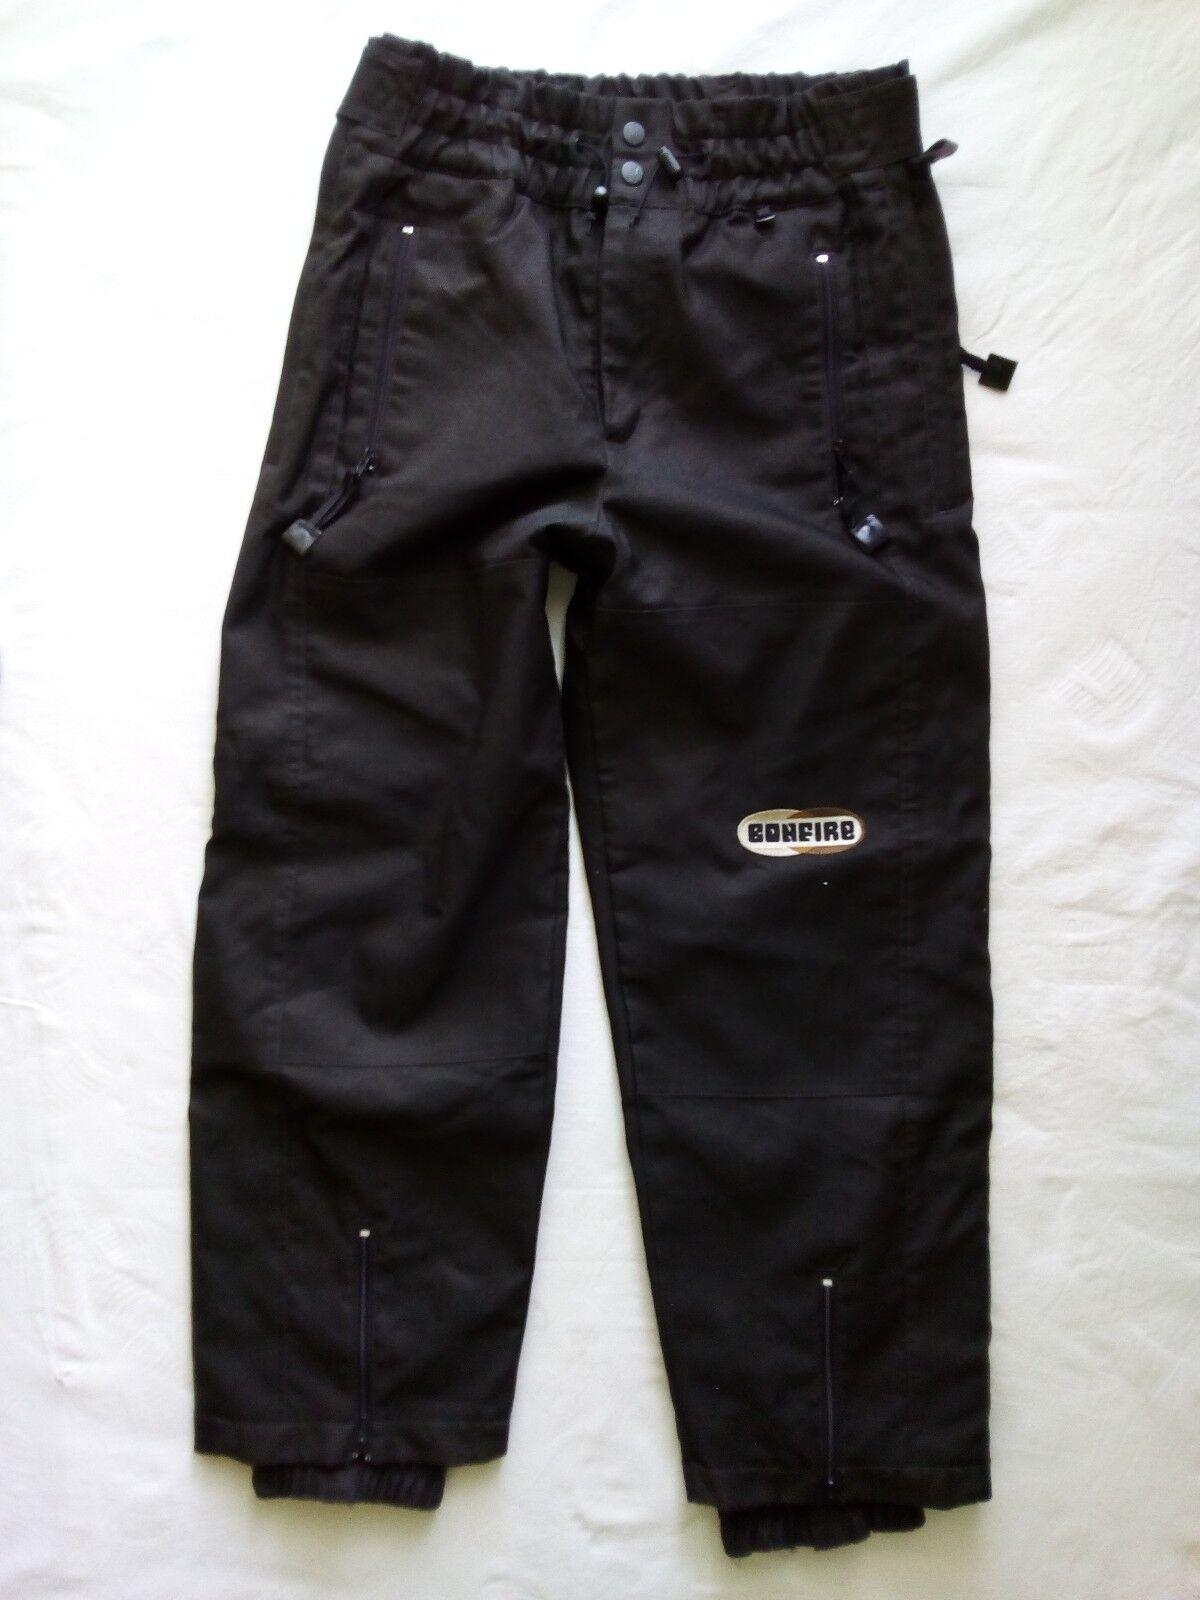 Bonfire Men's Ski Snowboard Pants Size M